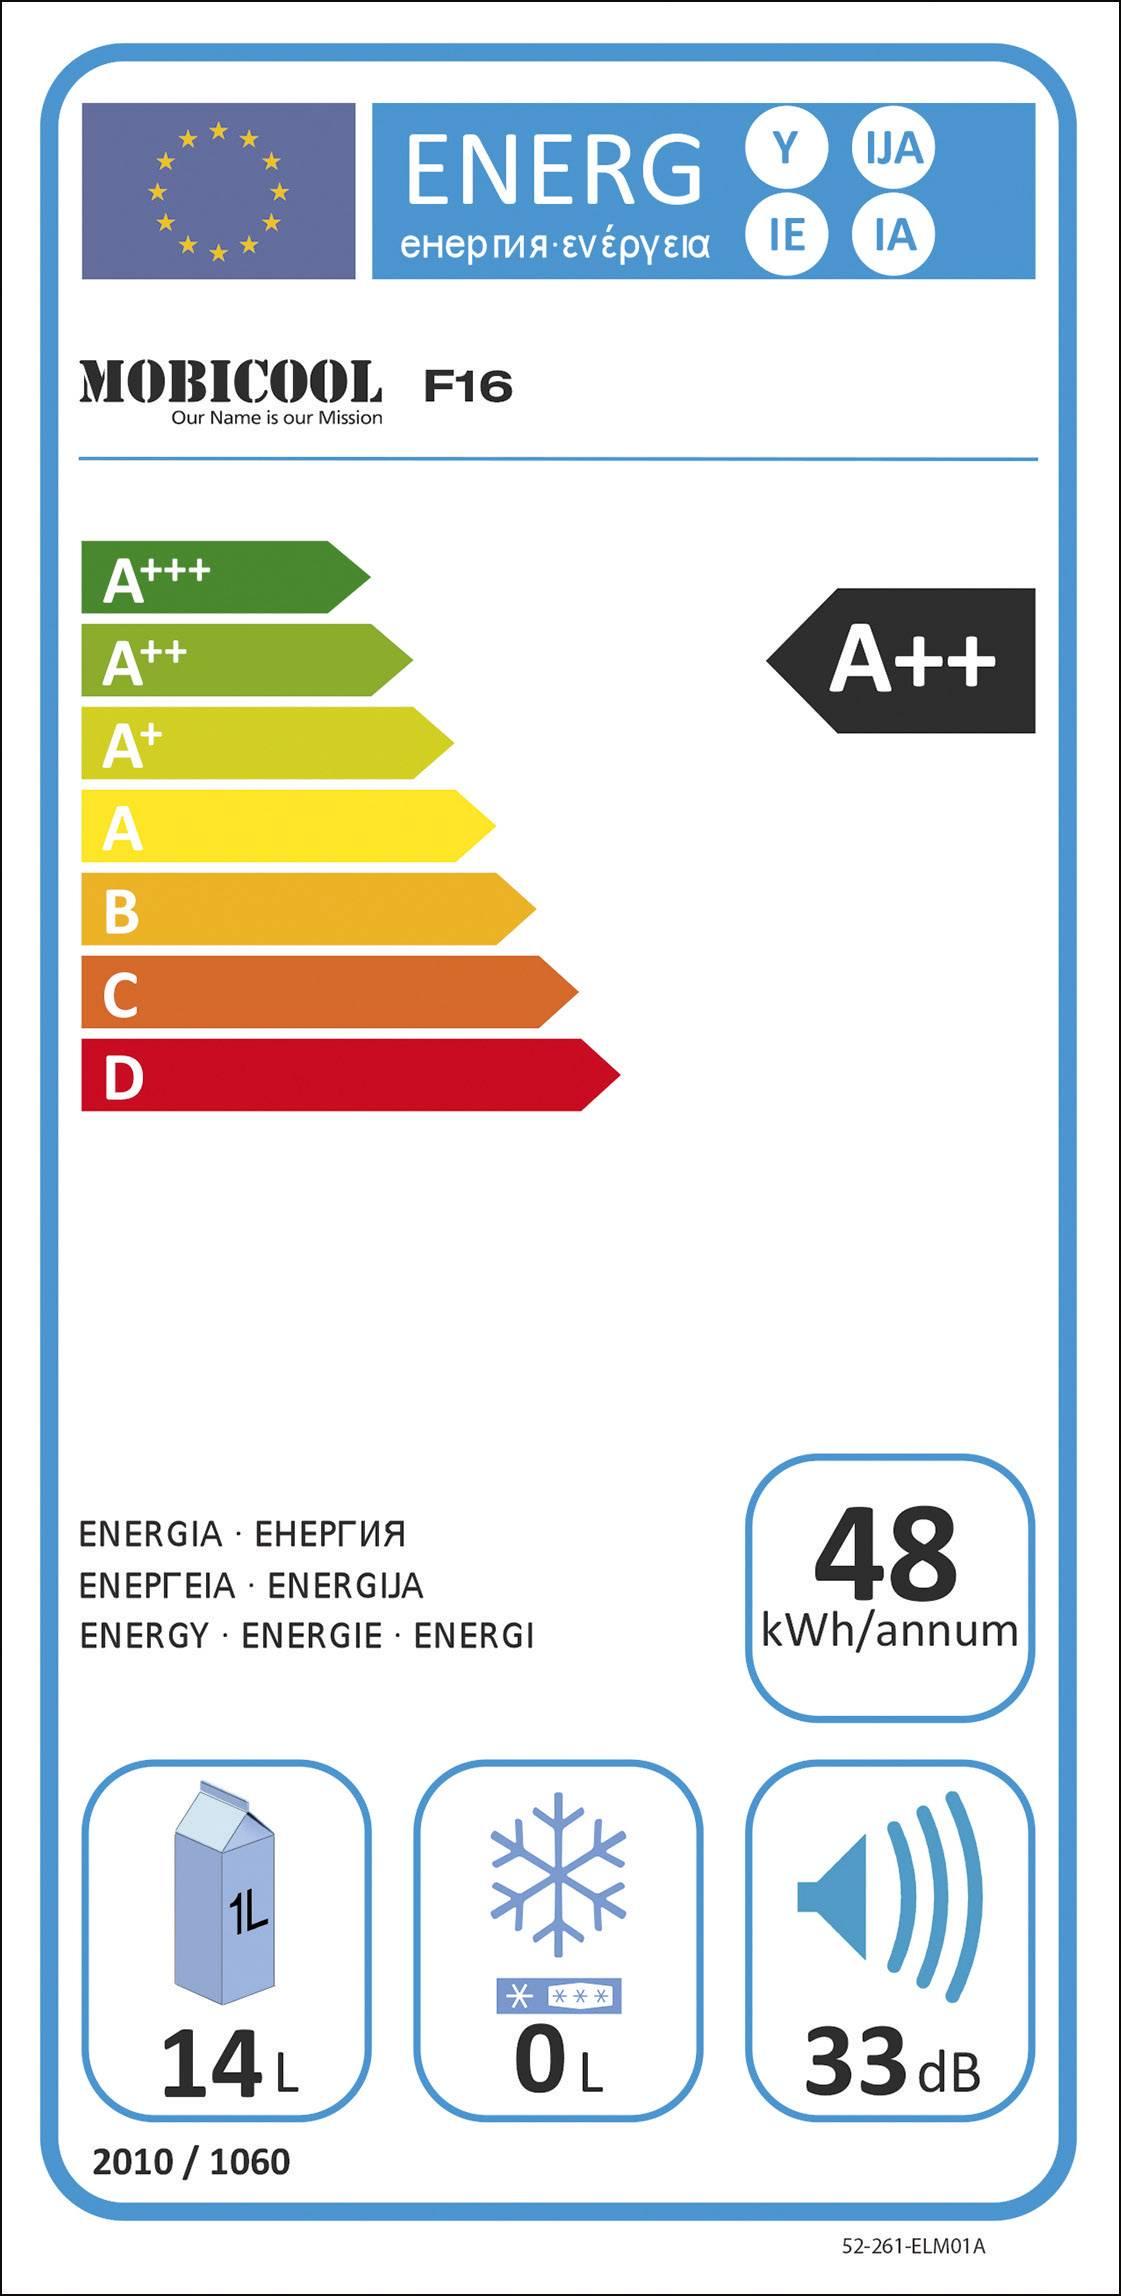 Energiatakarékossági osztály A++